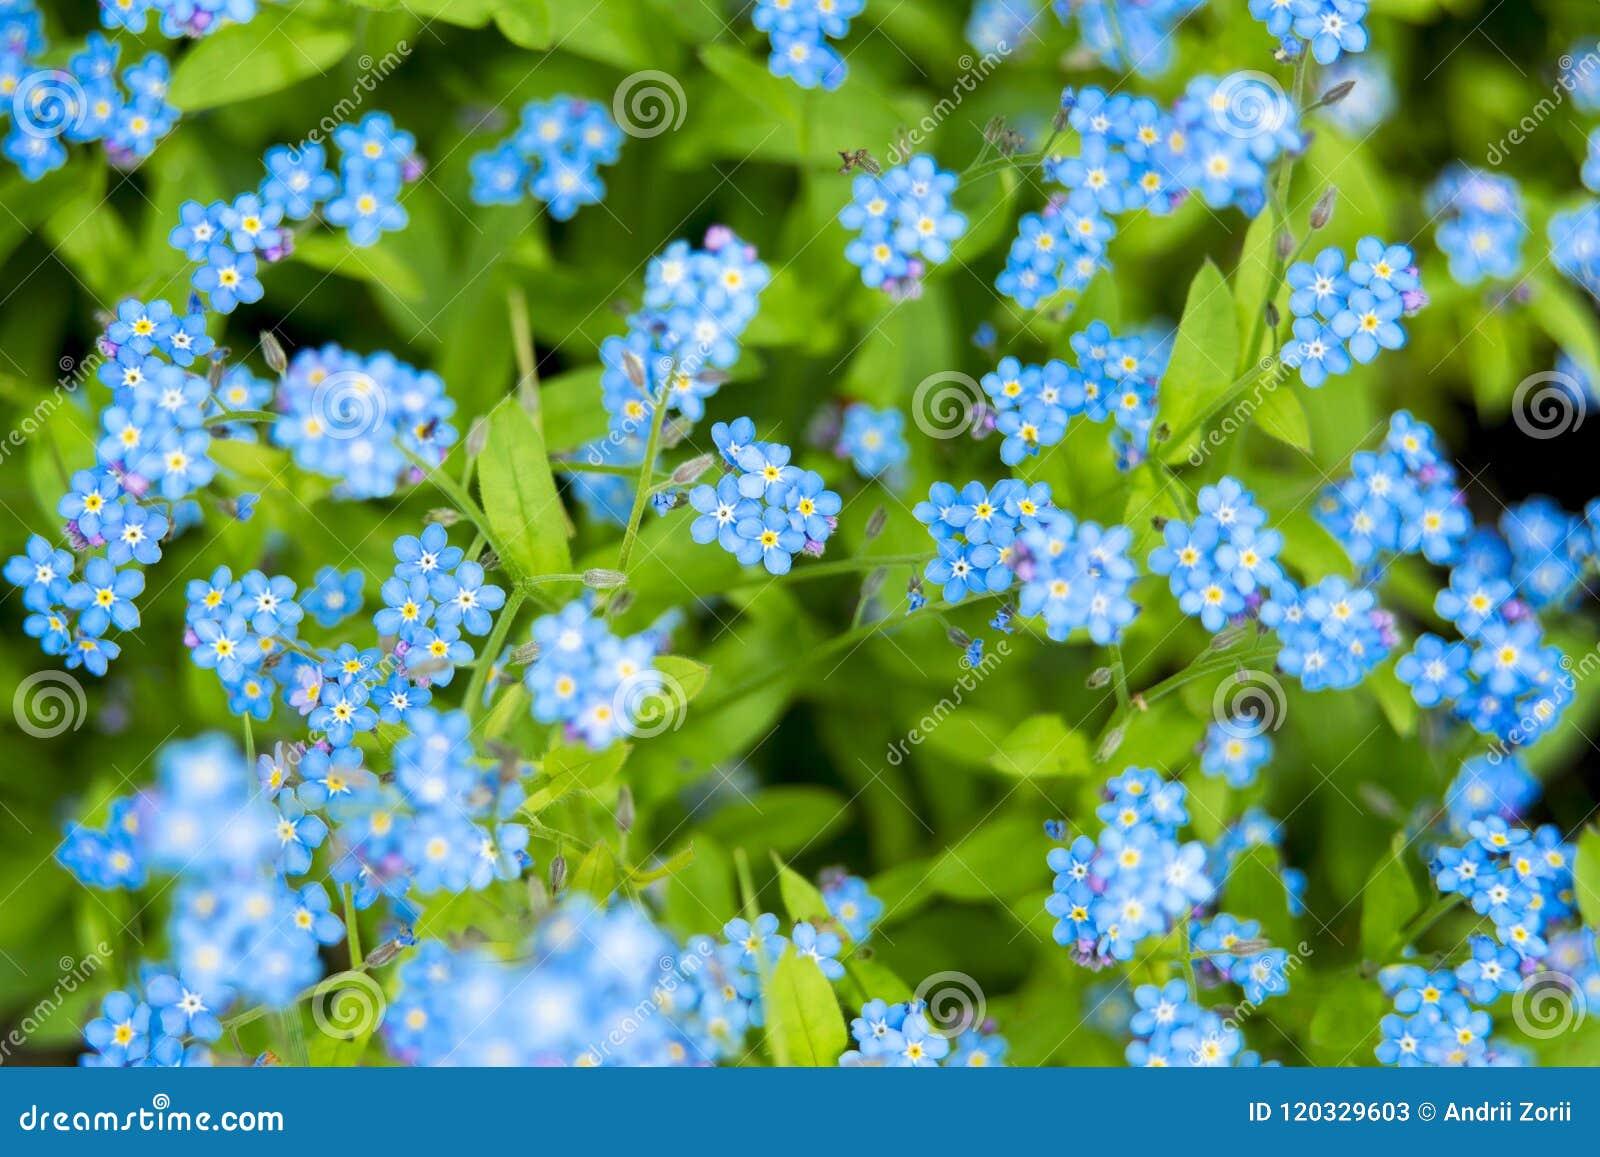 Tapijt van Nemophila, of bloem van baby de blauwe ogen